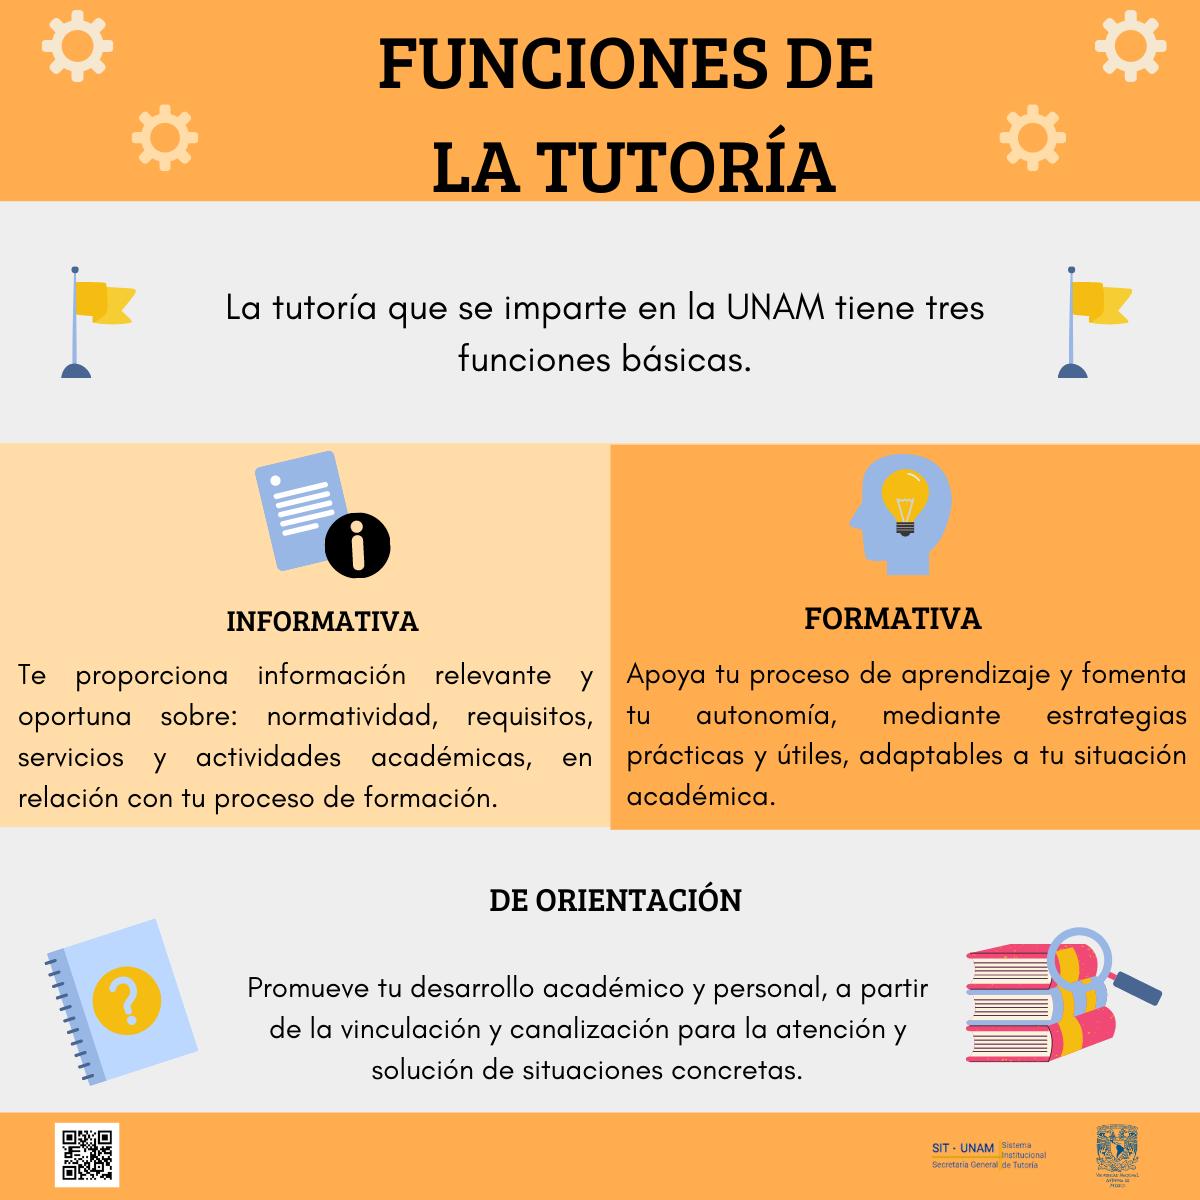 Funciones_tutoría